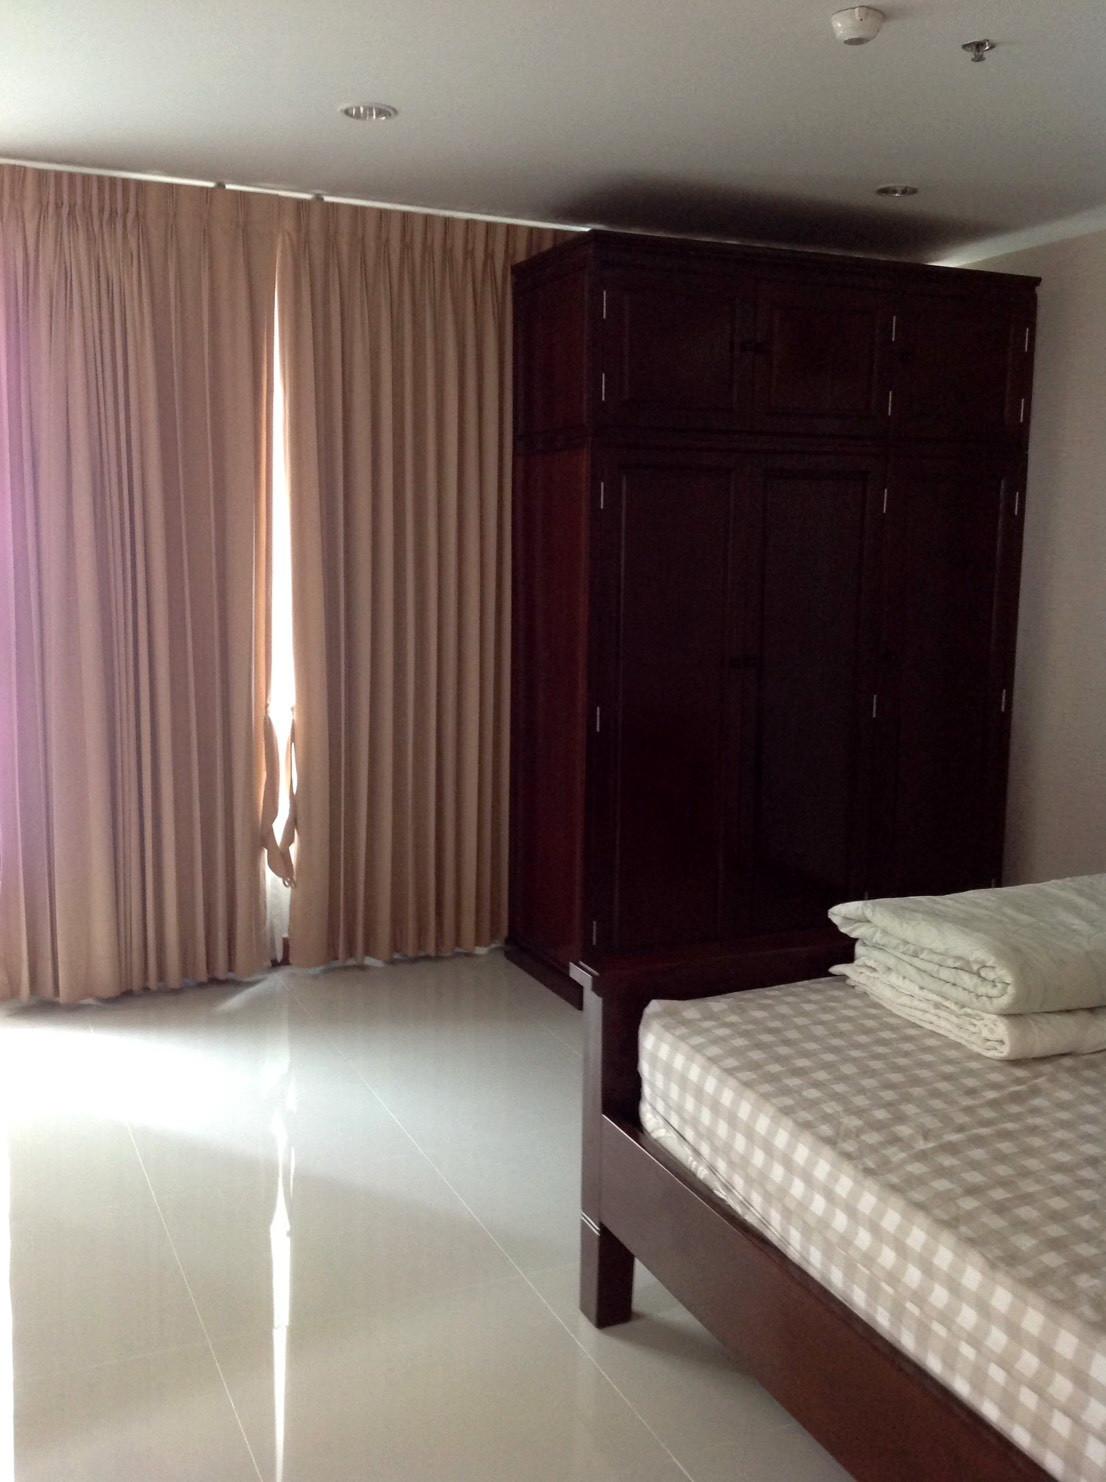 รูปของประกาศเช่าคอนโดสุขุมวิท ลิฟวิ่ง ทาวน์(1 ห้องนอน)(4)